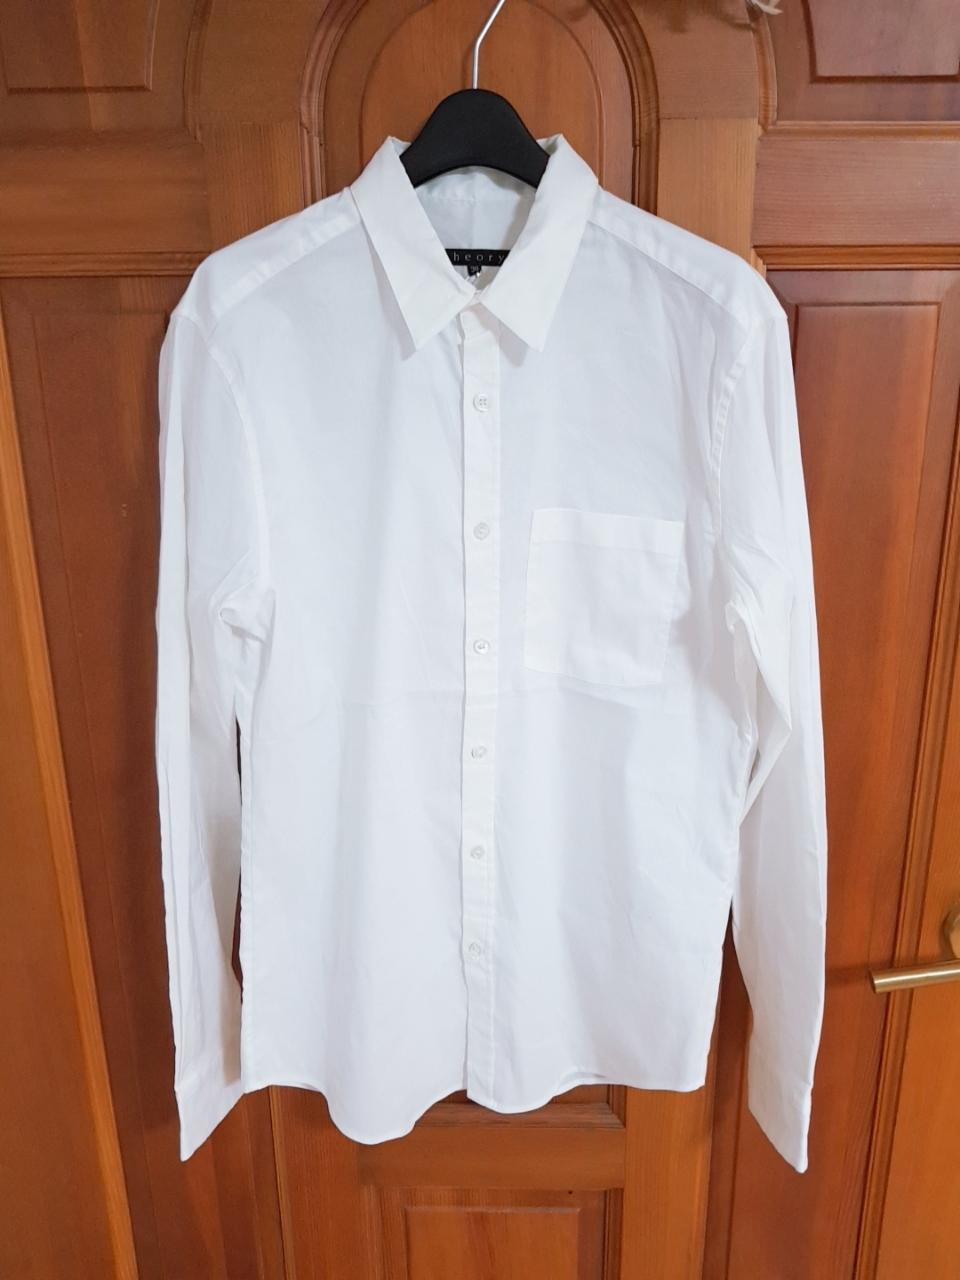 띠어리 셔츠 새상품 38사이즈